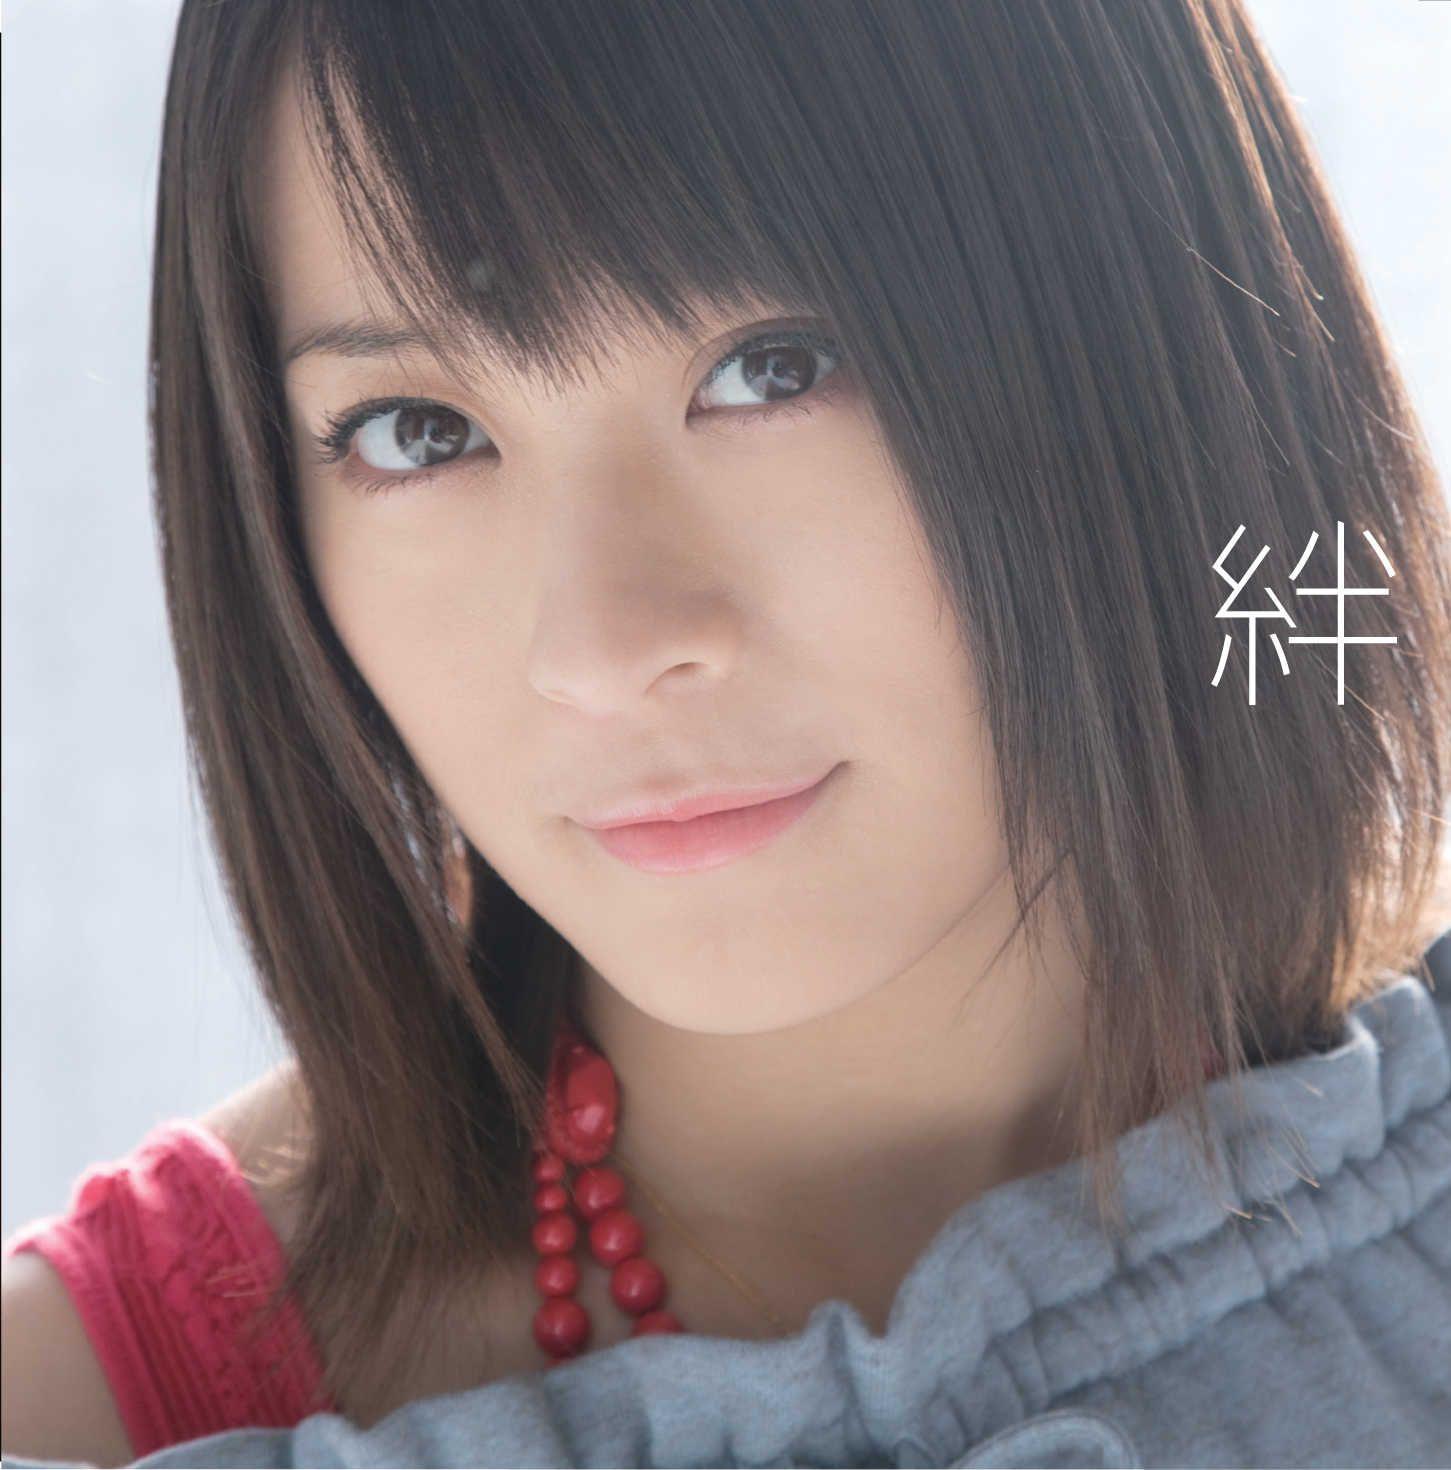 北乃きい 師大路夜市 Ott板 Disp s Japanese Girl Asian Beauty Kitano